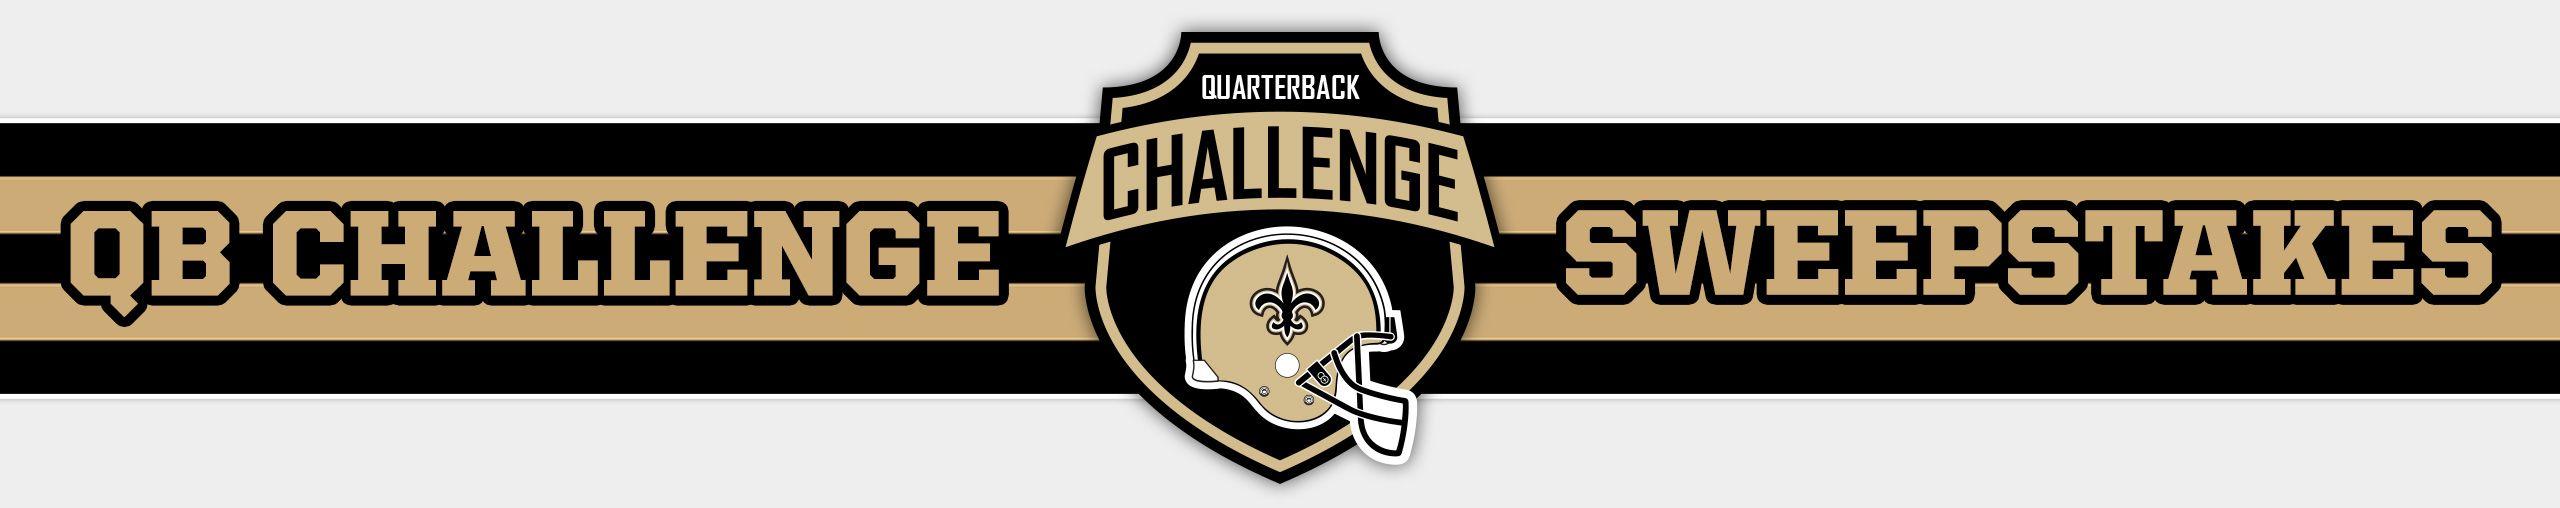 qb-challenge-sweepstakes-header-image